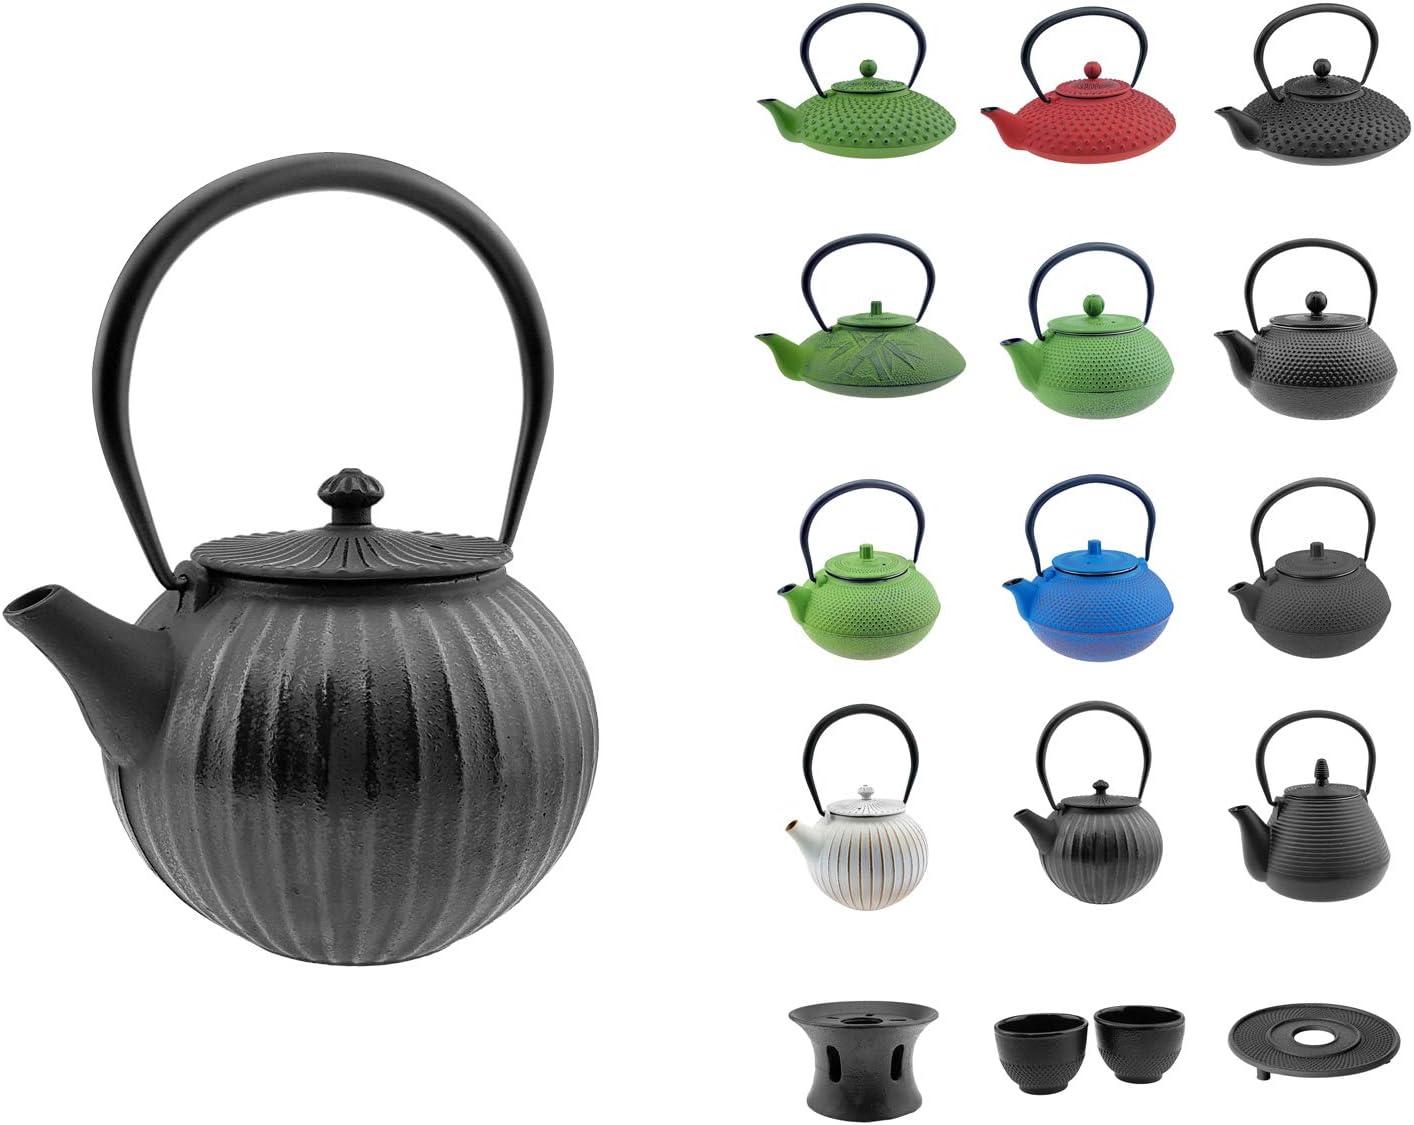 Tetera de hierro fundido–Varios Modelos y colores a elegir–Tetera con infusor–Tazas de té asiáticas–Té elaboración de accesorios Teekanne Gusseisen 1.1 L Strips Black